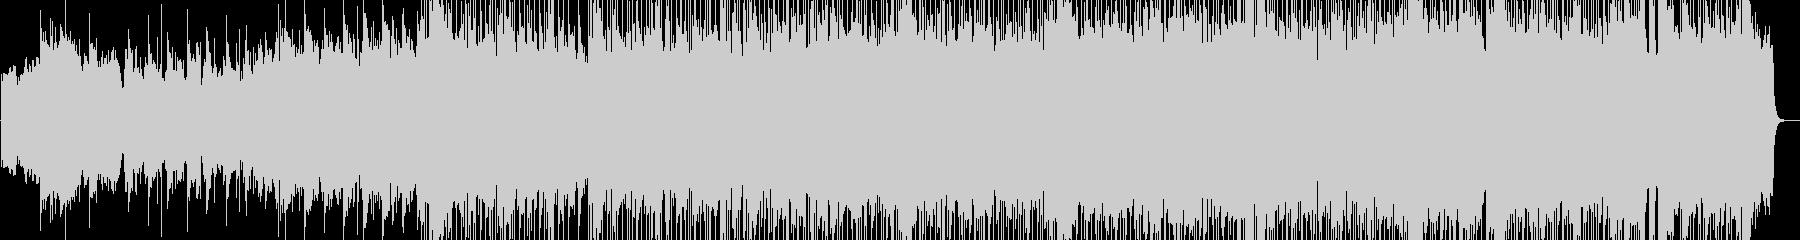 ゆったりとした感動的なバラードの未再生の波形